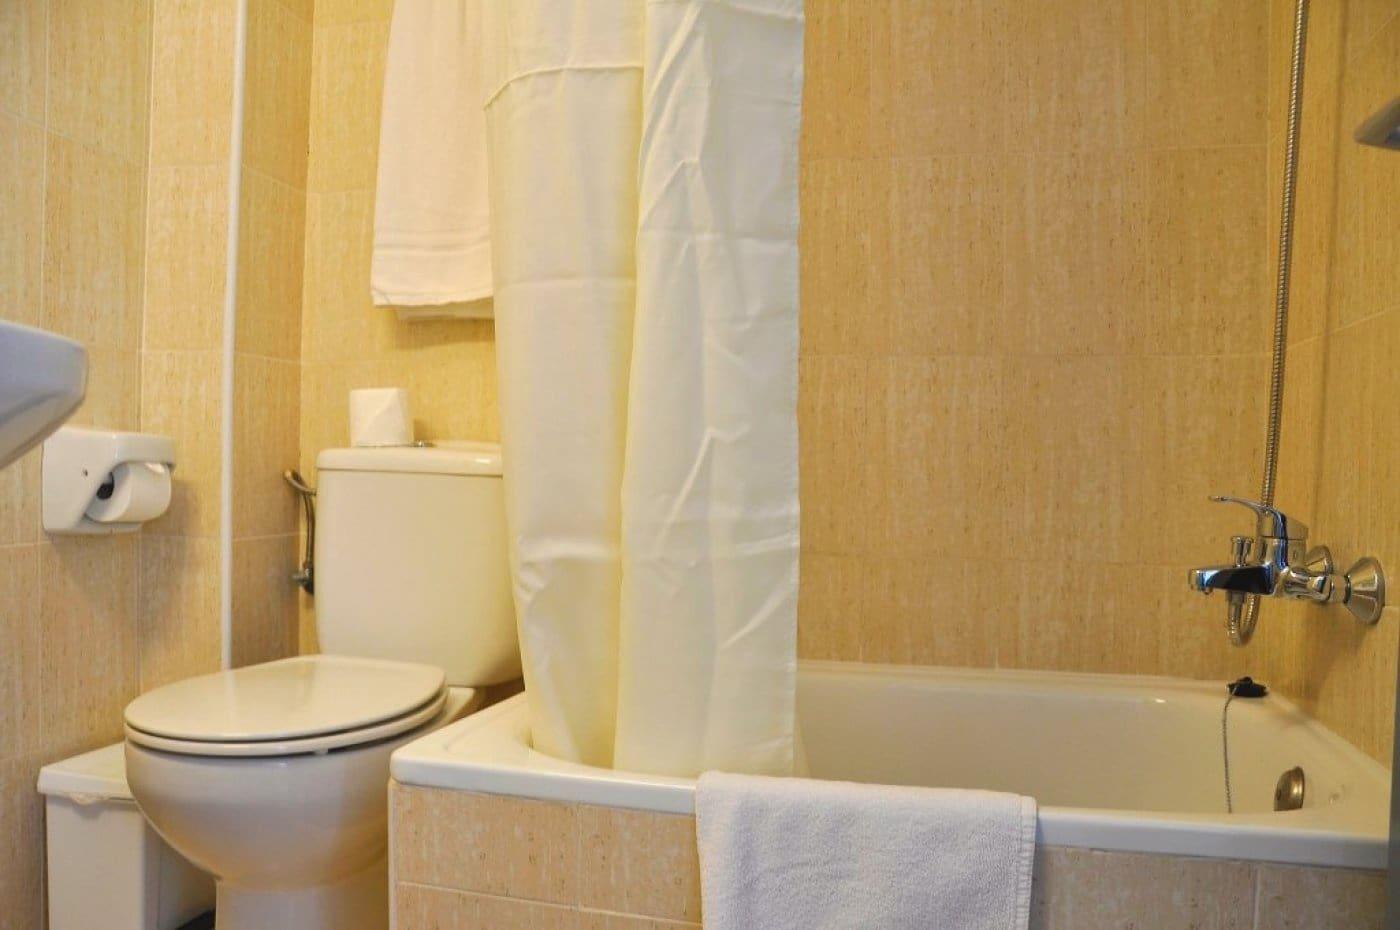 39 chambre Chambres d'Hôtes/B&B à vendre à Cala Ratjada avec piscine - 1 600 000 € (Ref: 5828943)